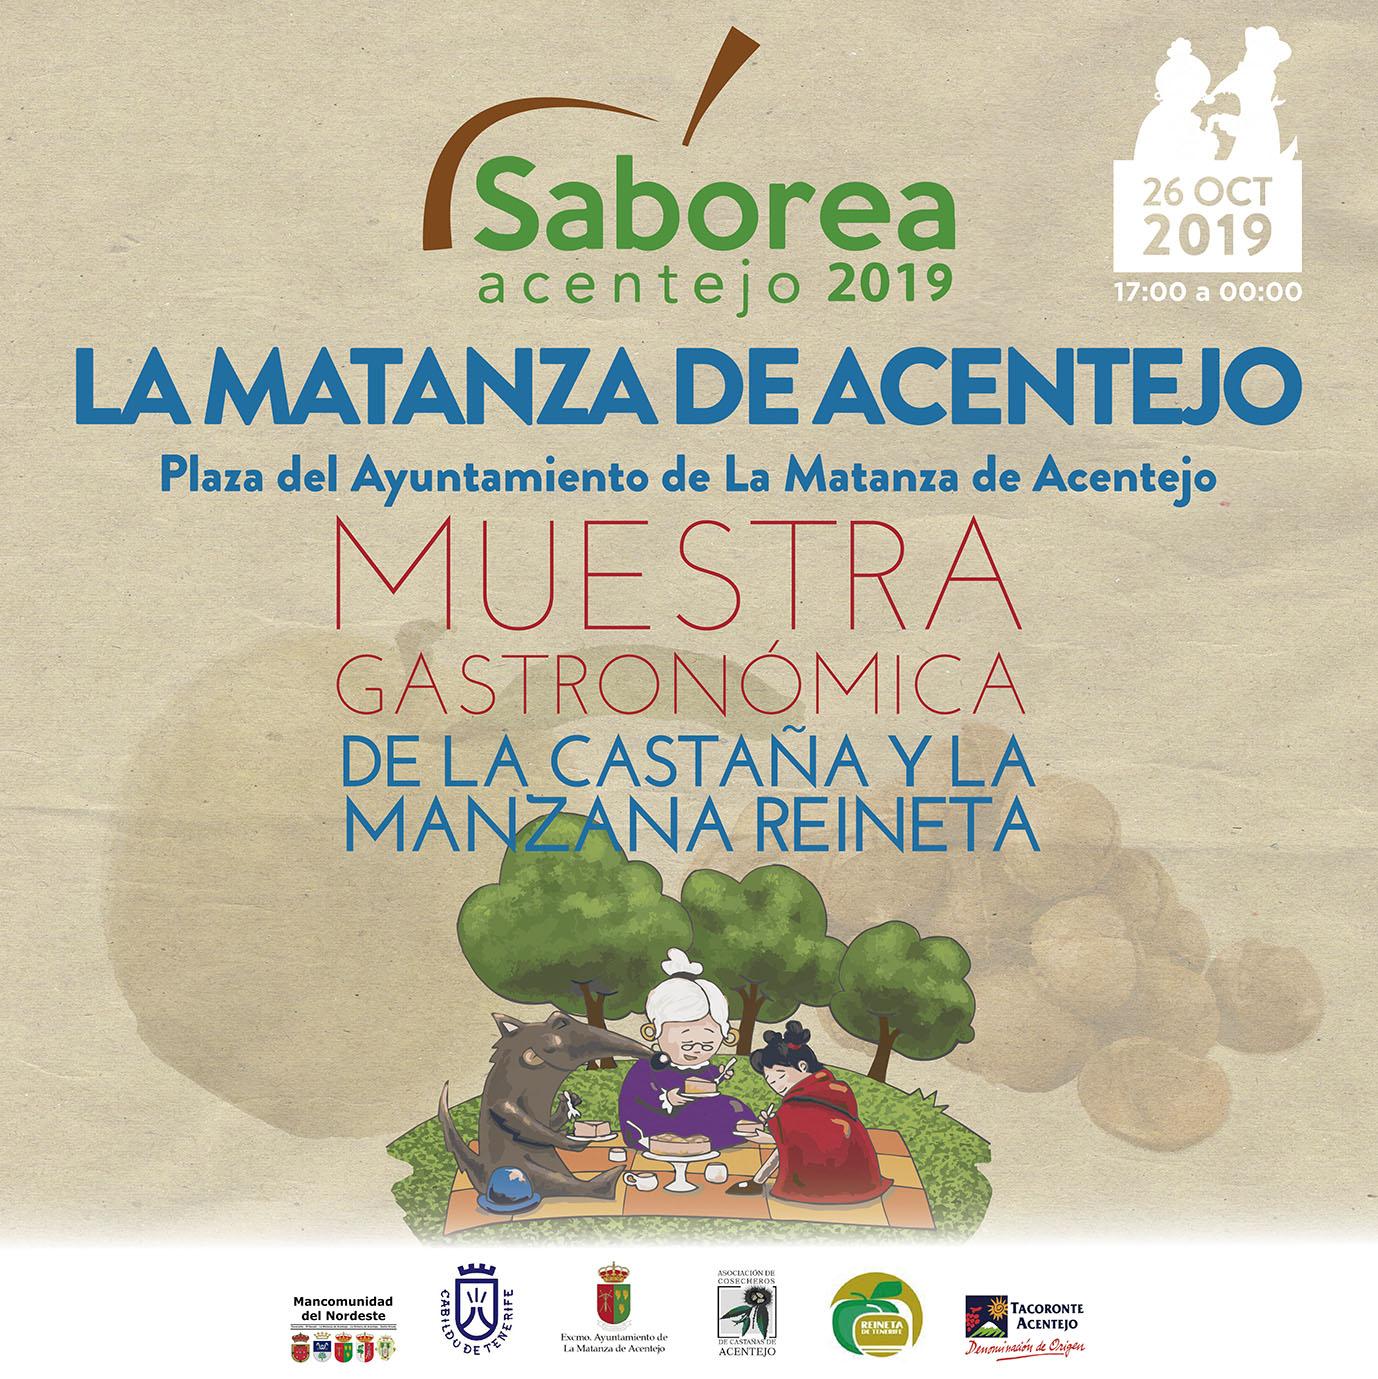 Saborea Acentejo celebra su quinta edición de la Muestra Gastronómica de la manzana reineta y castaña de Acentejo, el 26 de octubre de 2019